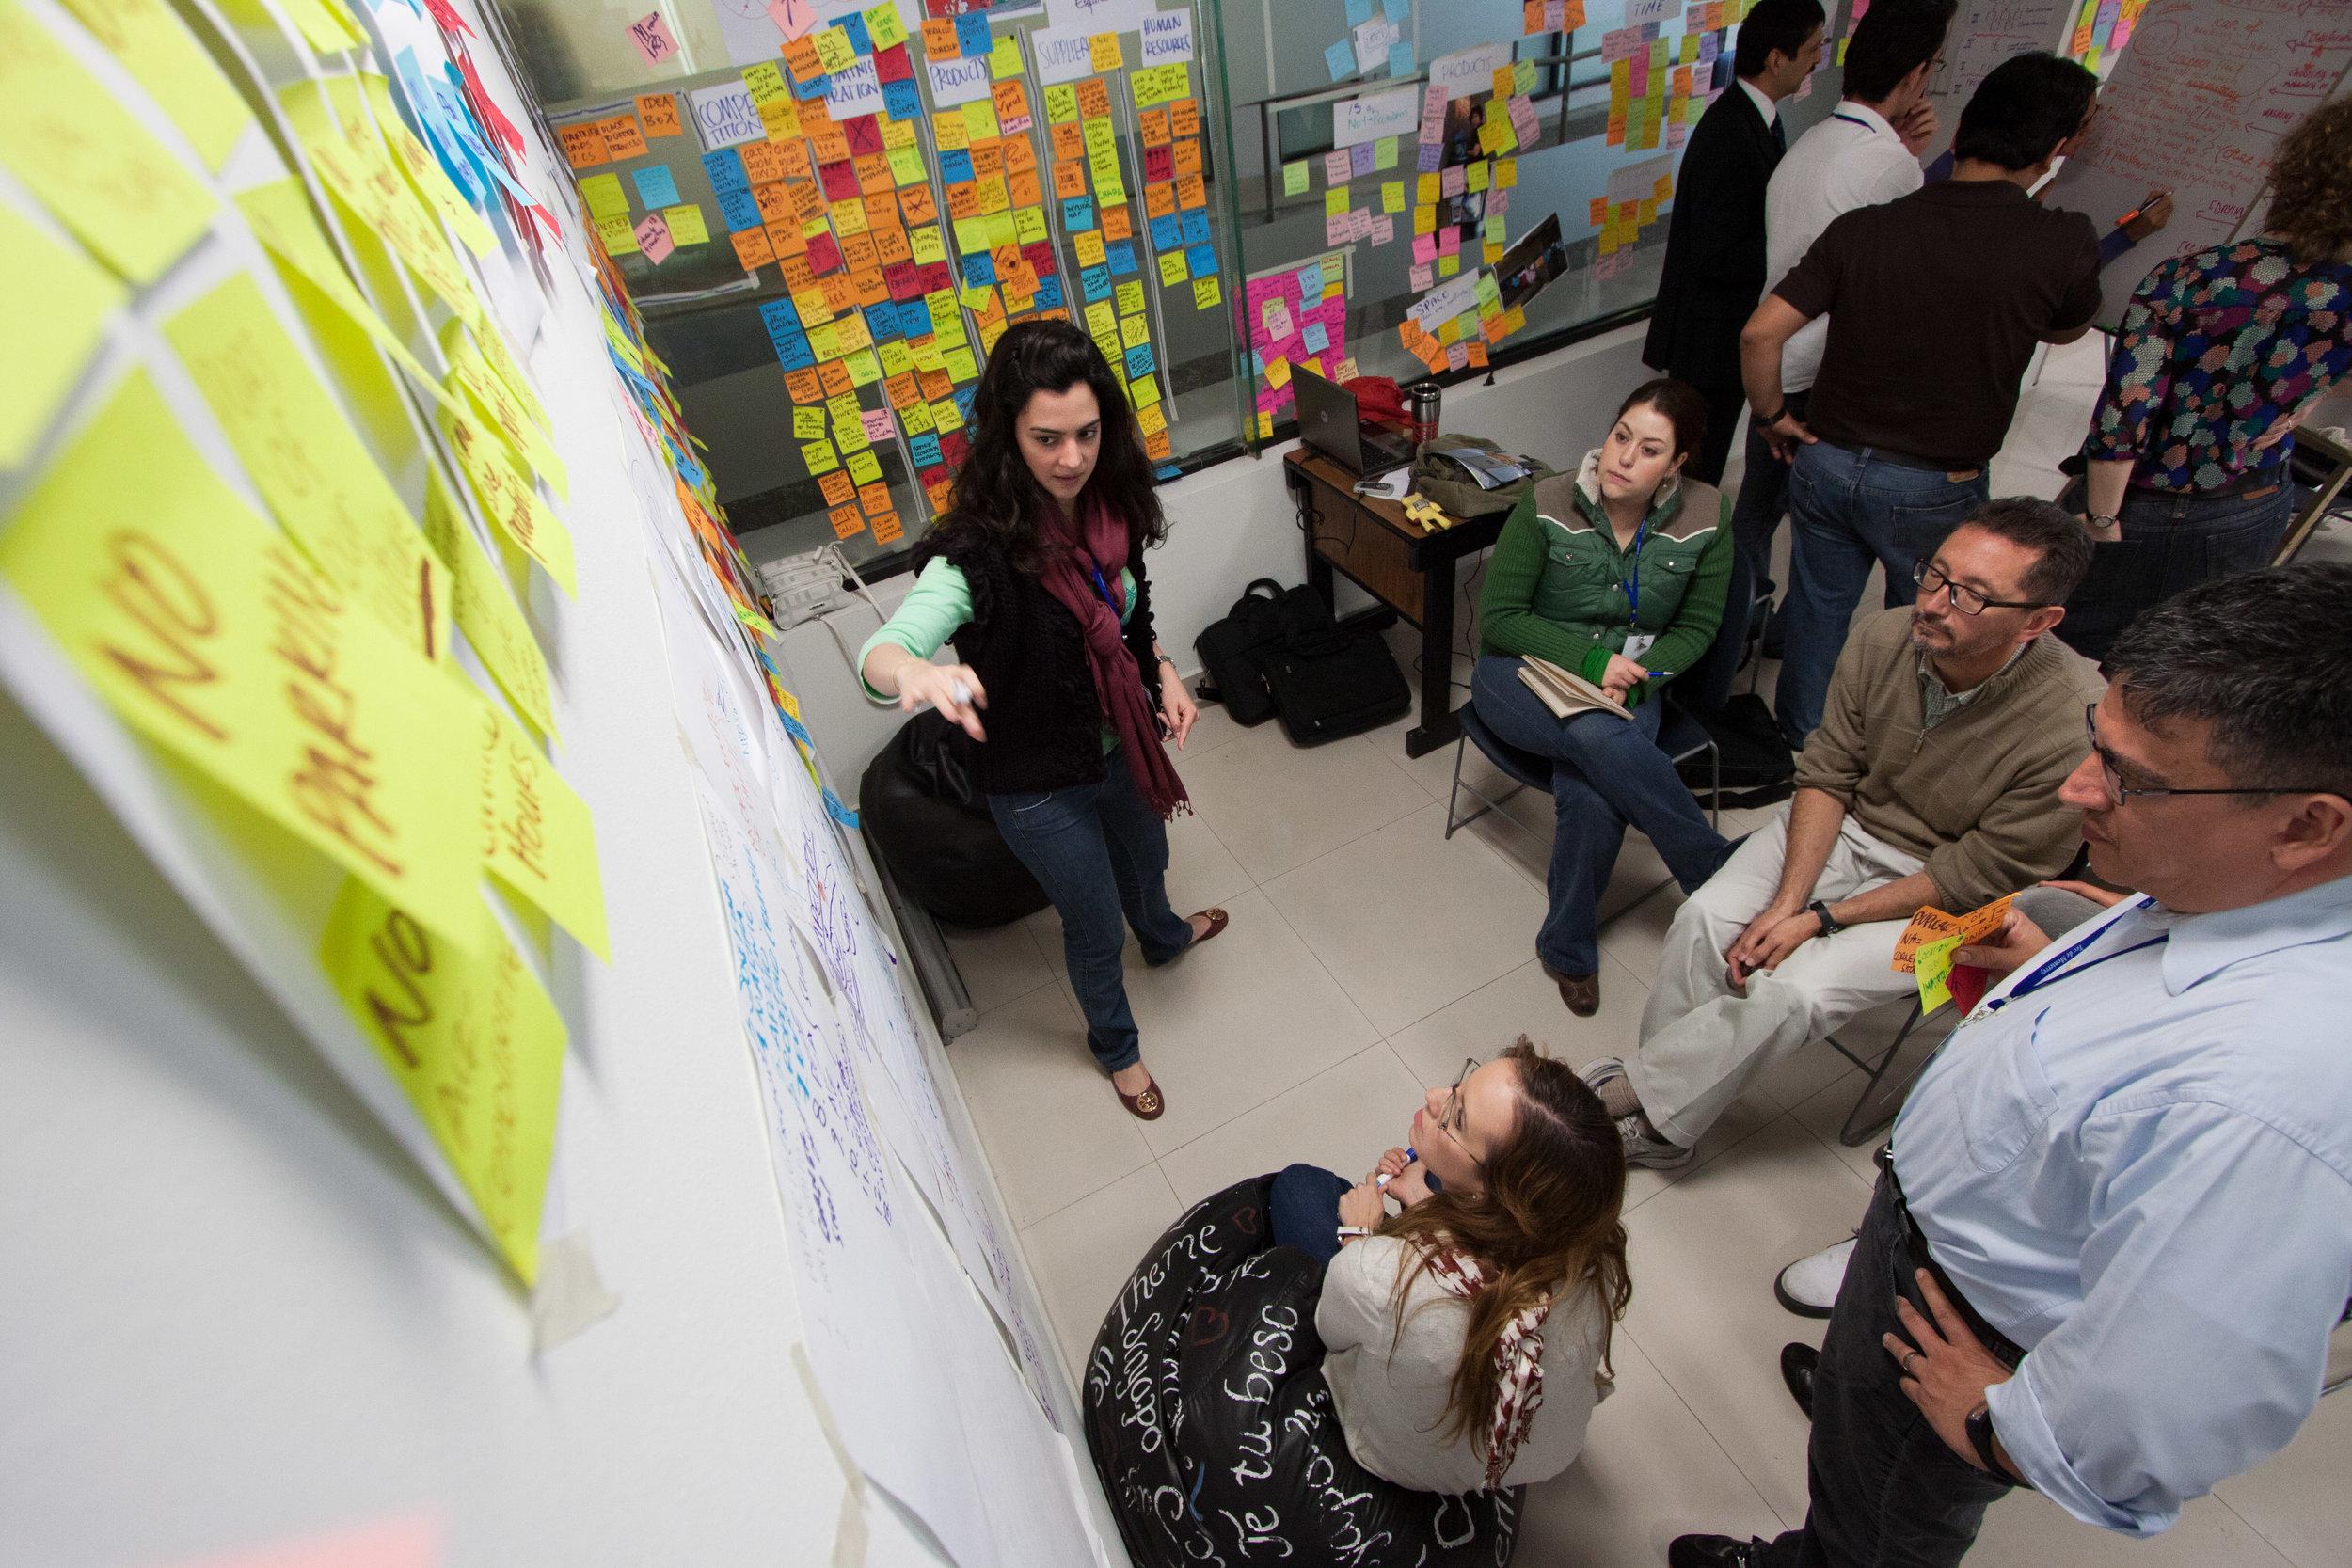 design_thinking_teamwork2.jpg